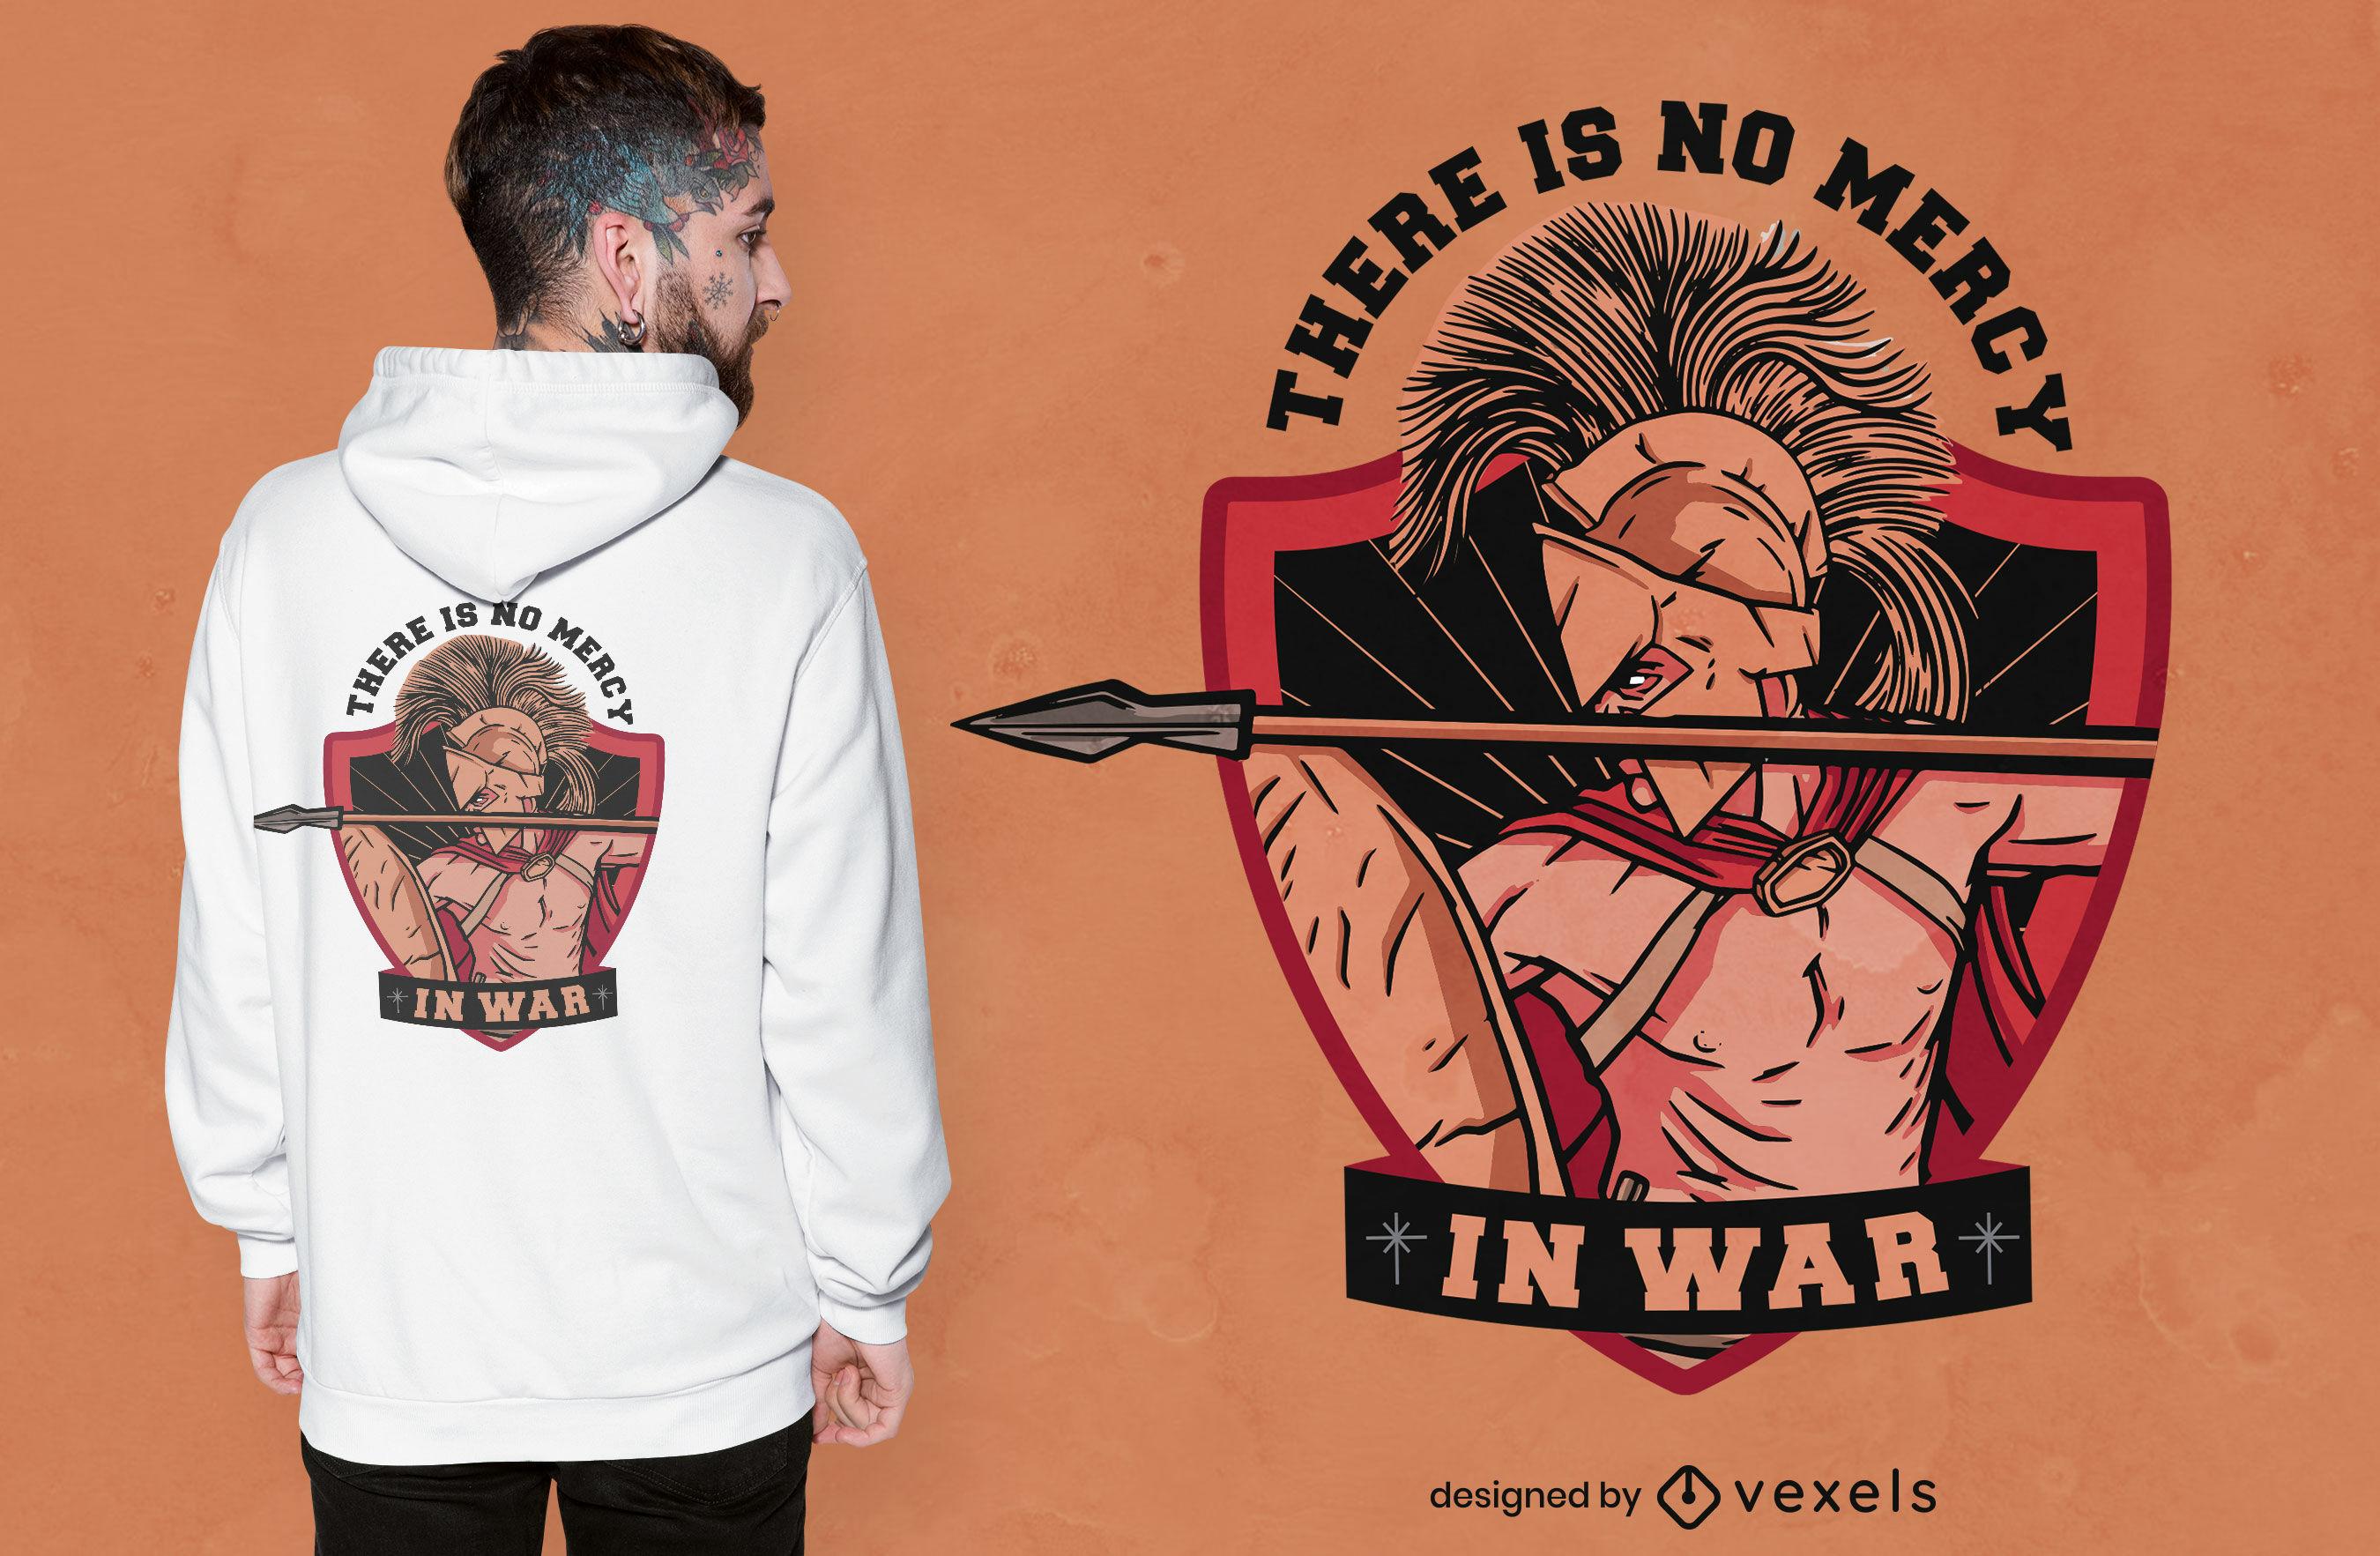 Dise?o de camiseta con cita de misericordia de guerrero